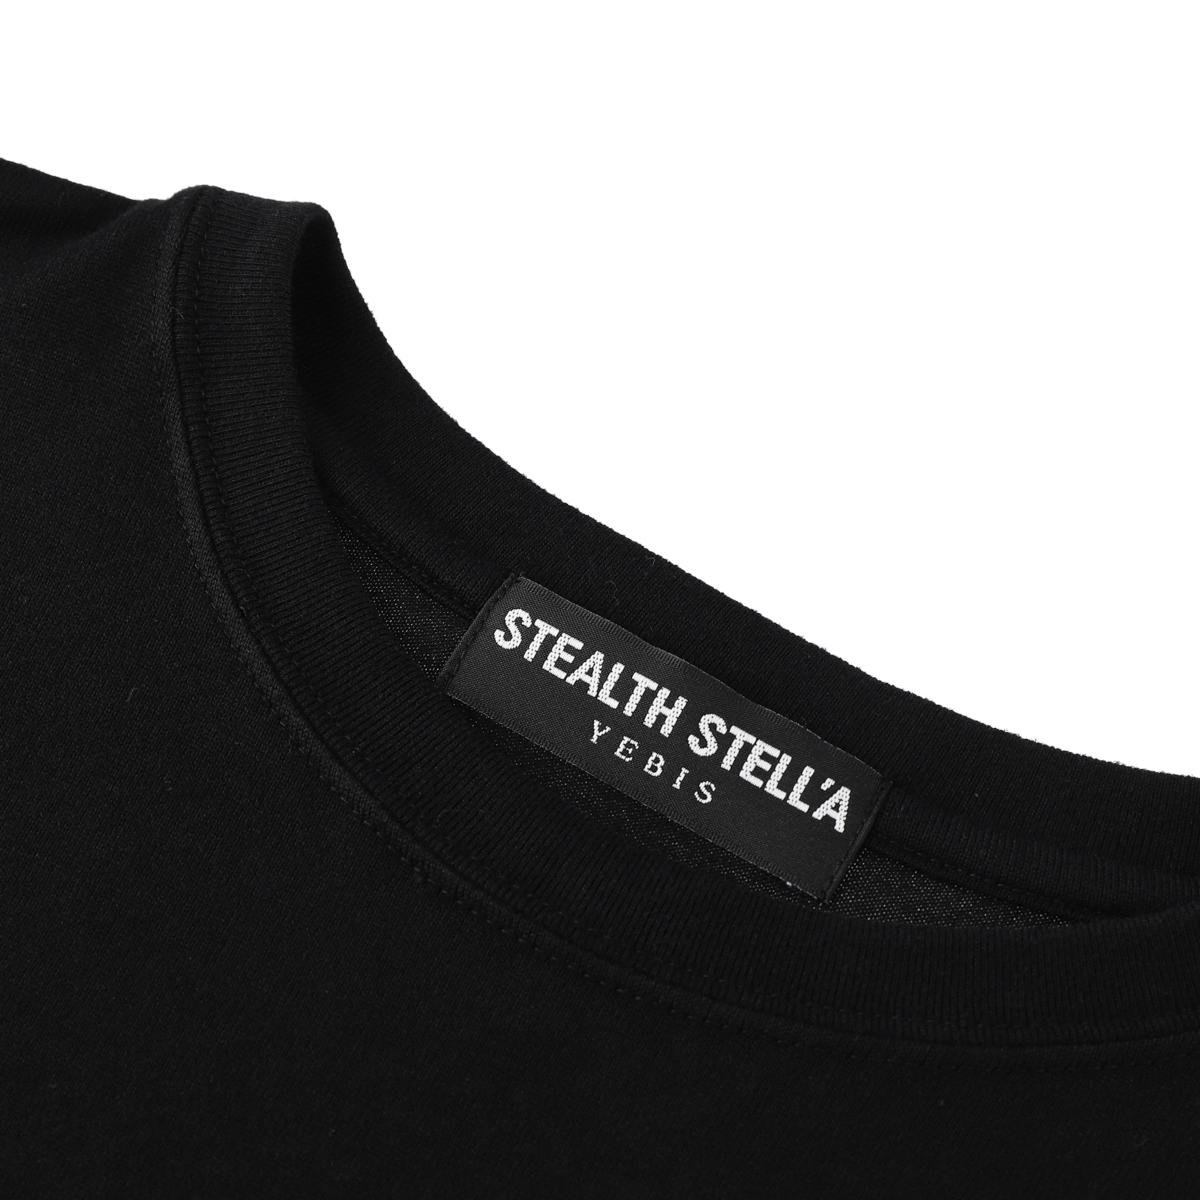 【STEALTH STELL'A】SHOULDER LABEL